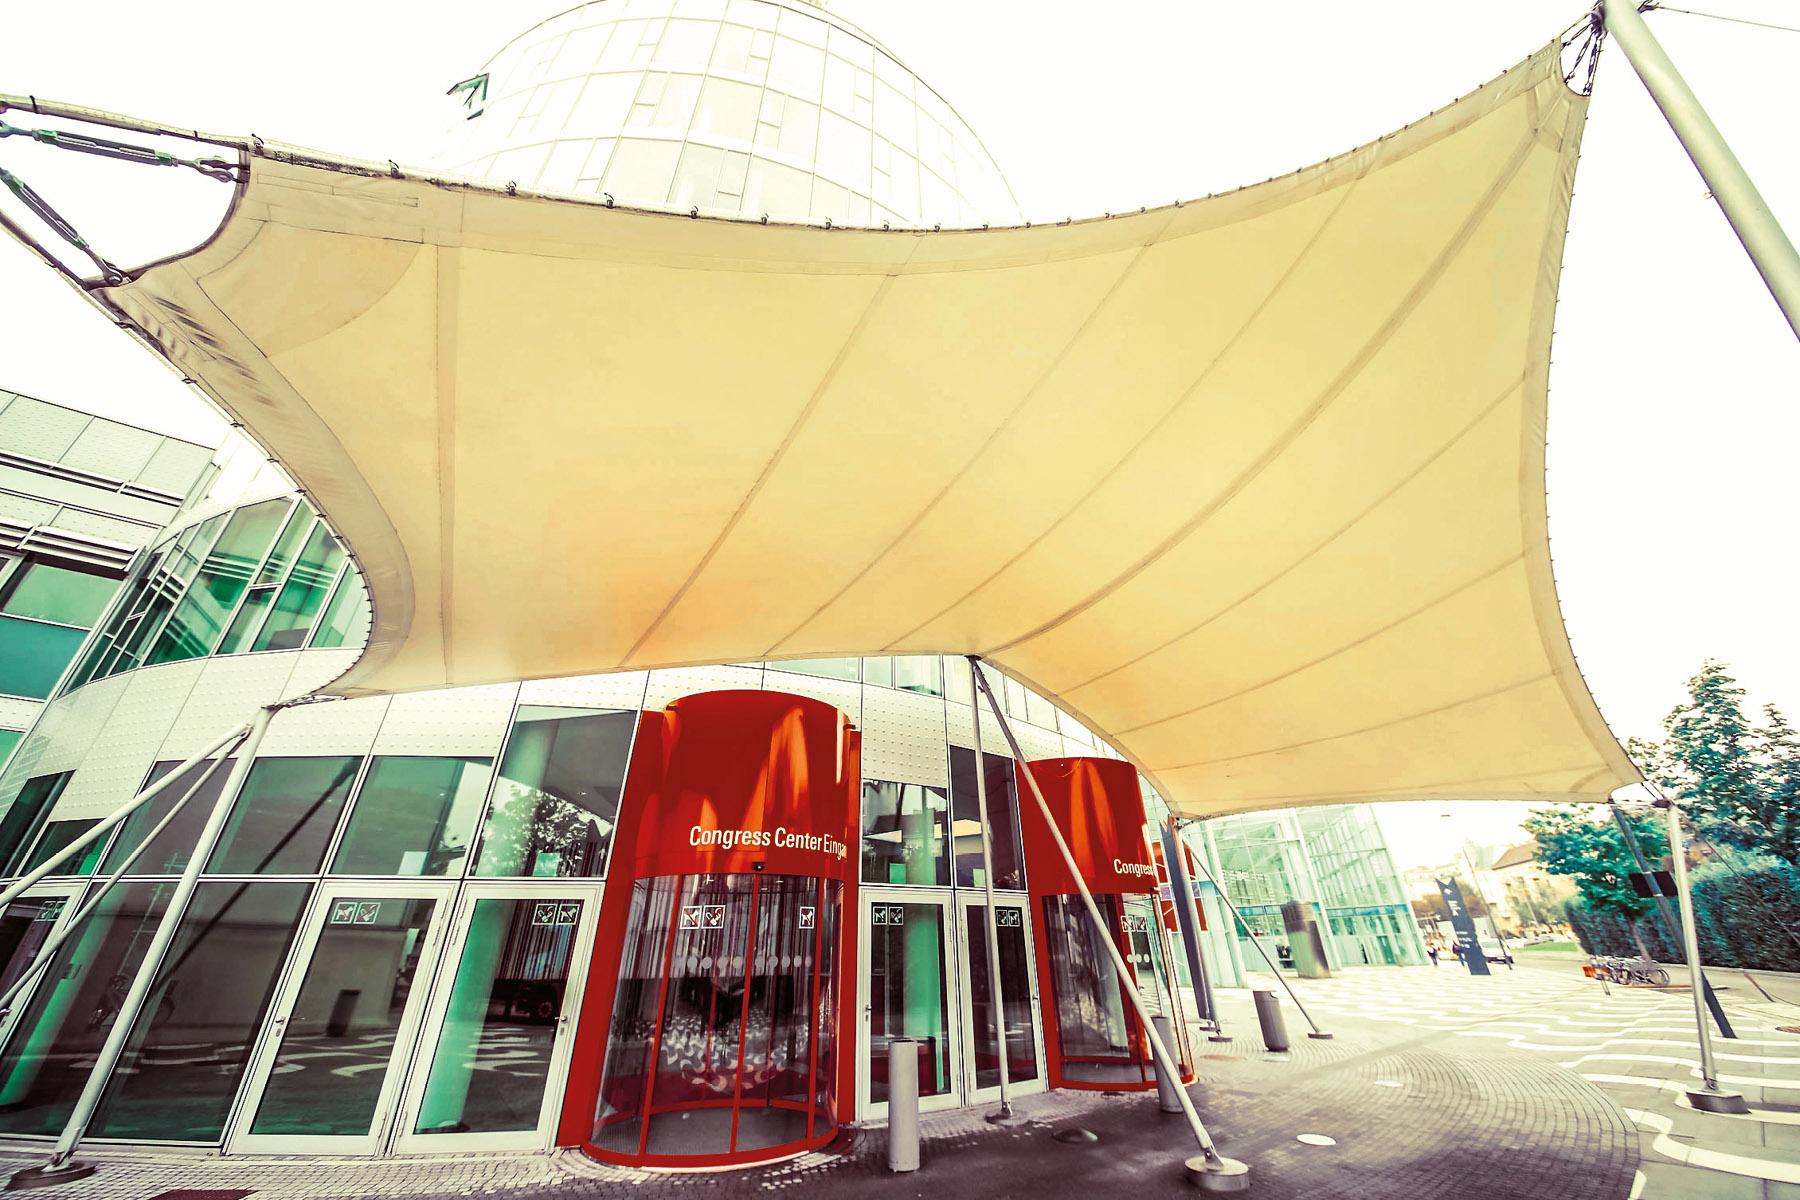 Messe Wien Exhibition & Congress Center